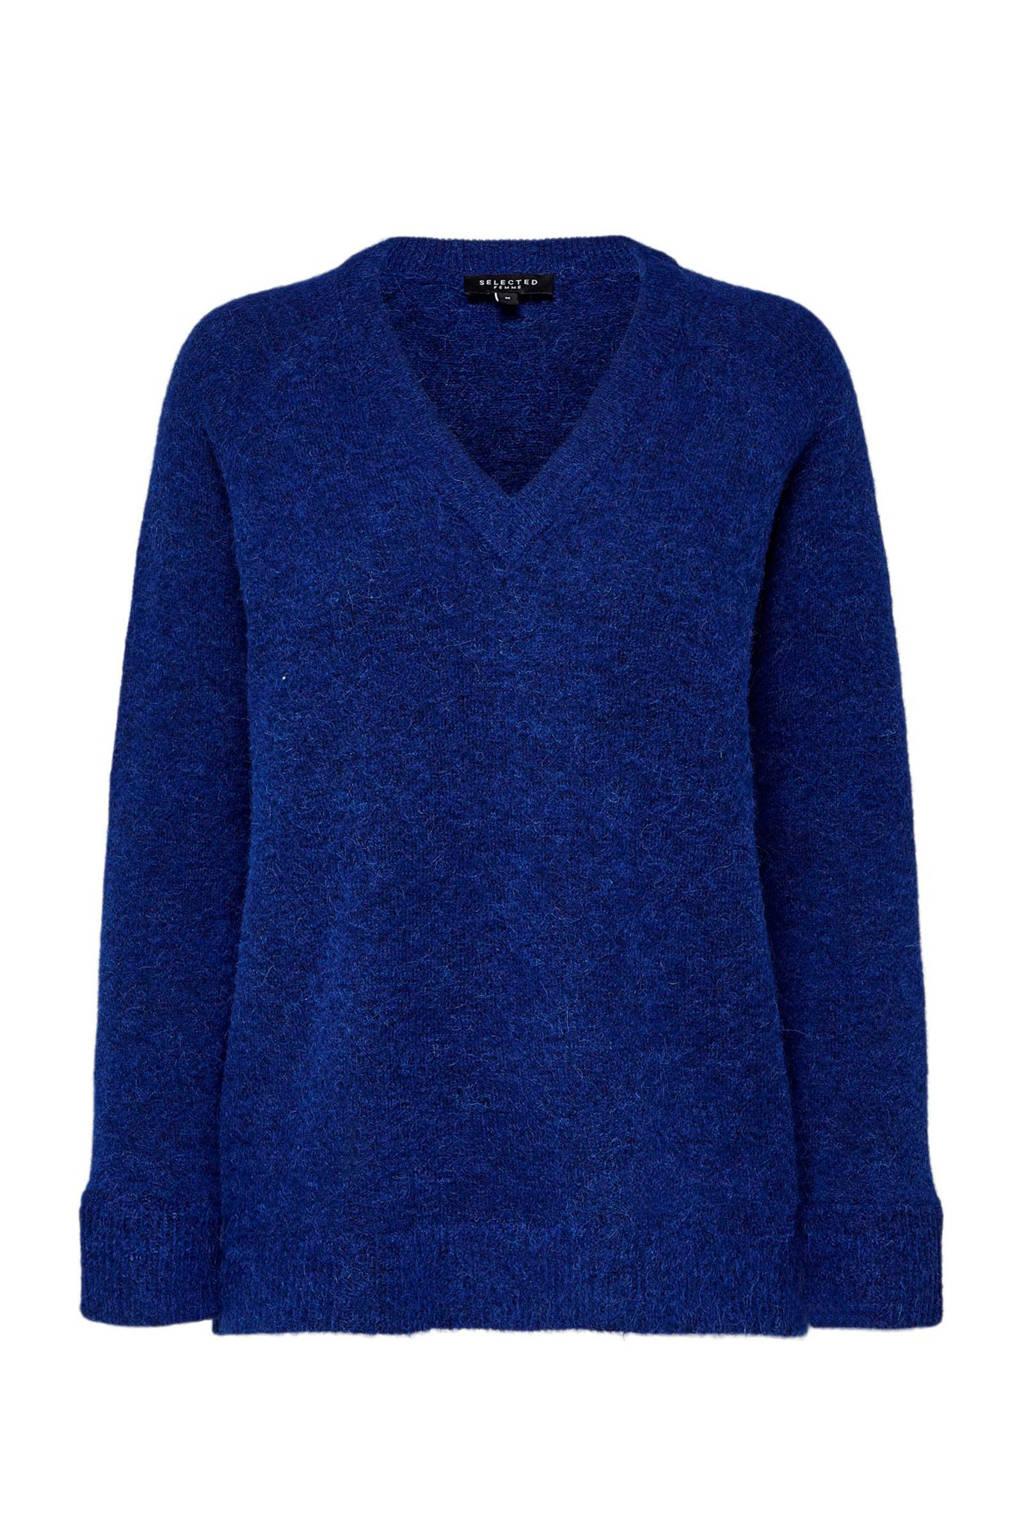 SELECTED FEMME trui met wol blauw, Paars